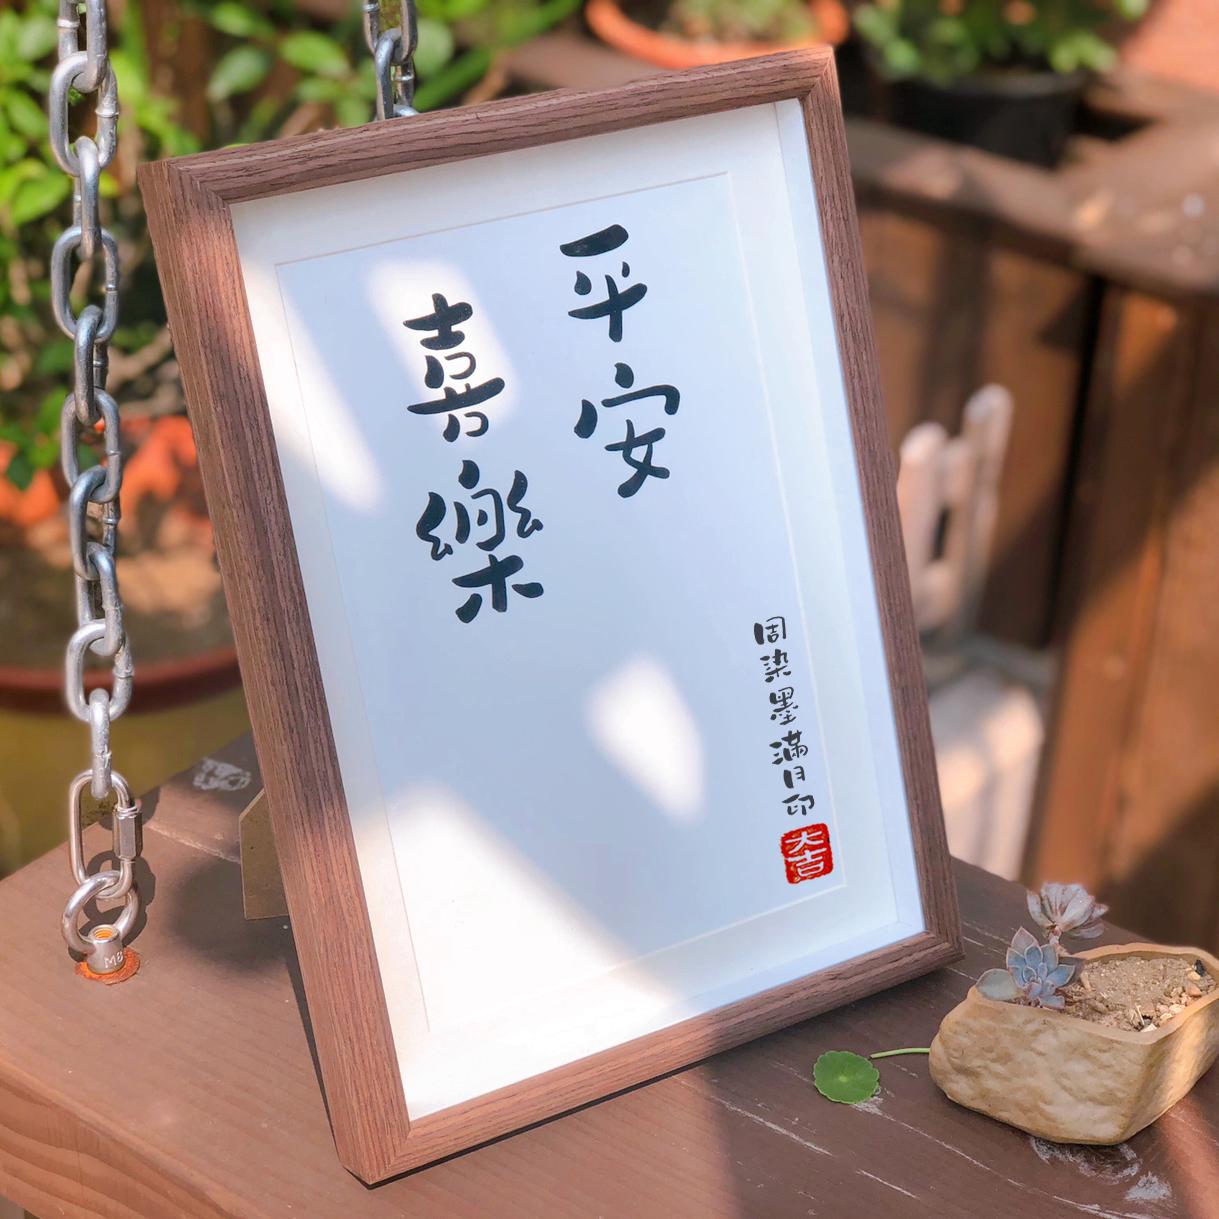 知足常樂平安喜樂書法字畫周歲寶寶手足印滿月百天生日抓周裝飾禮